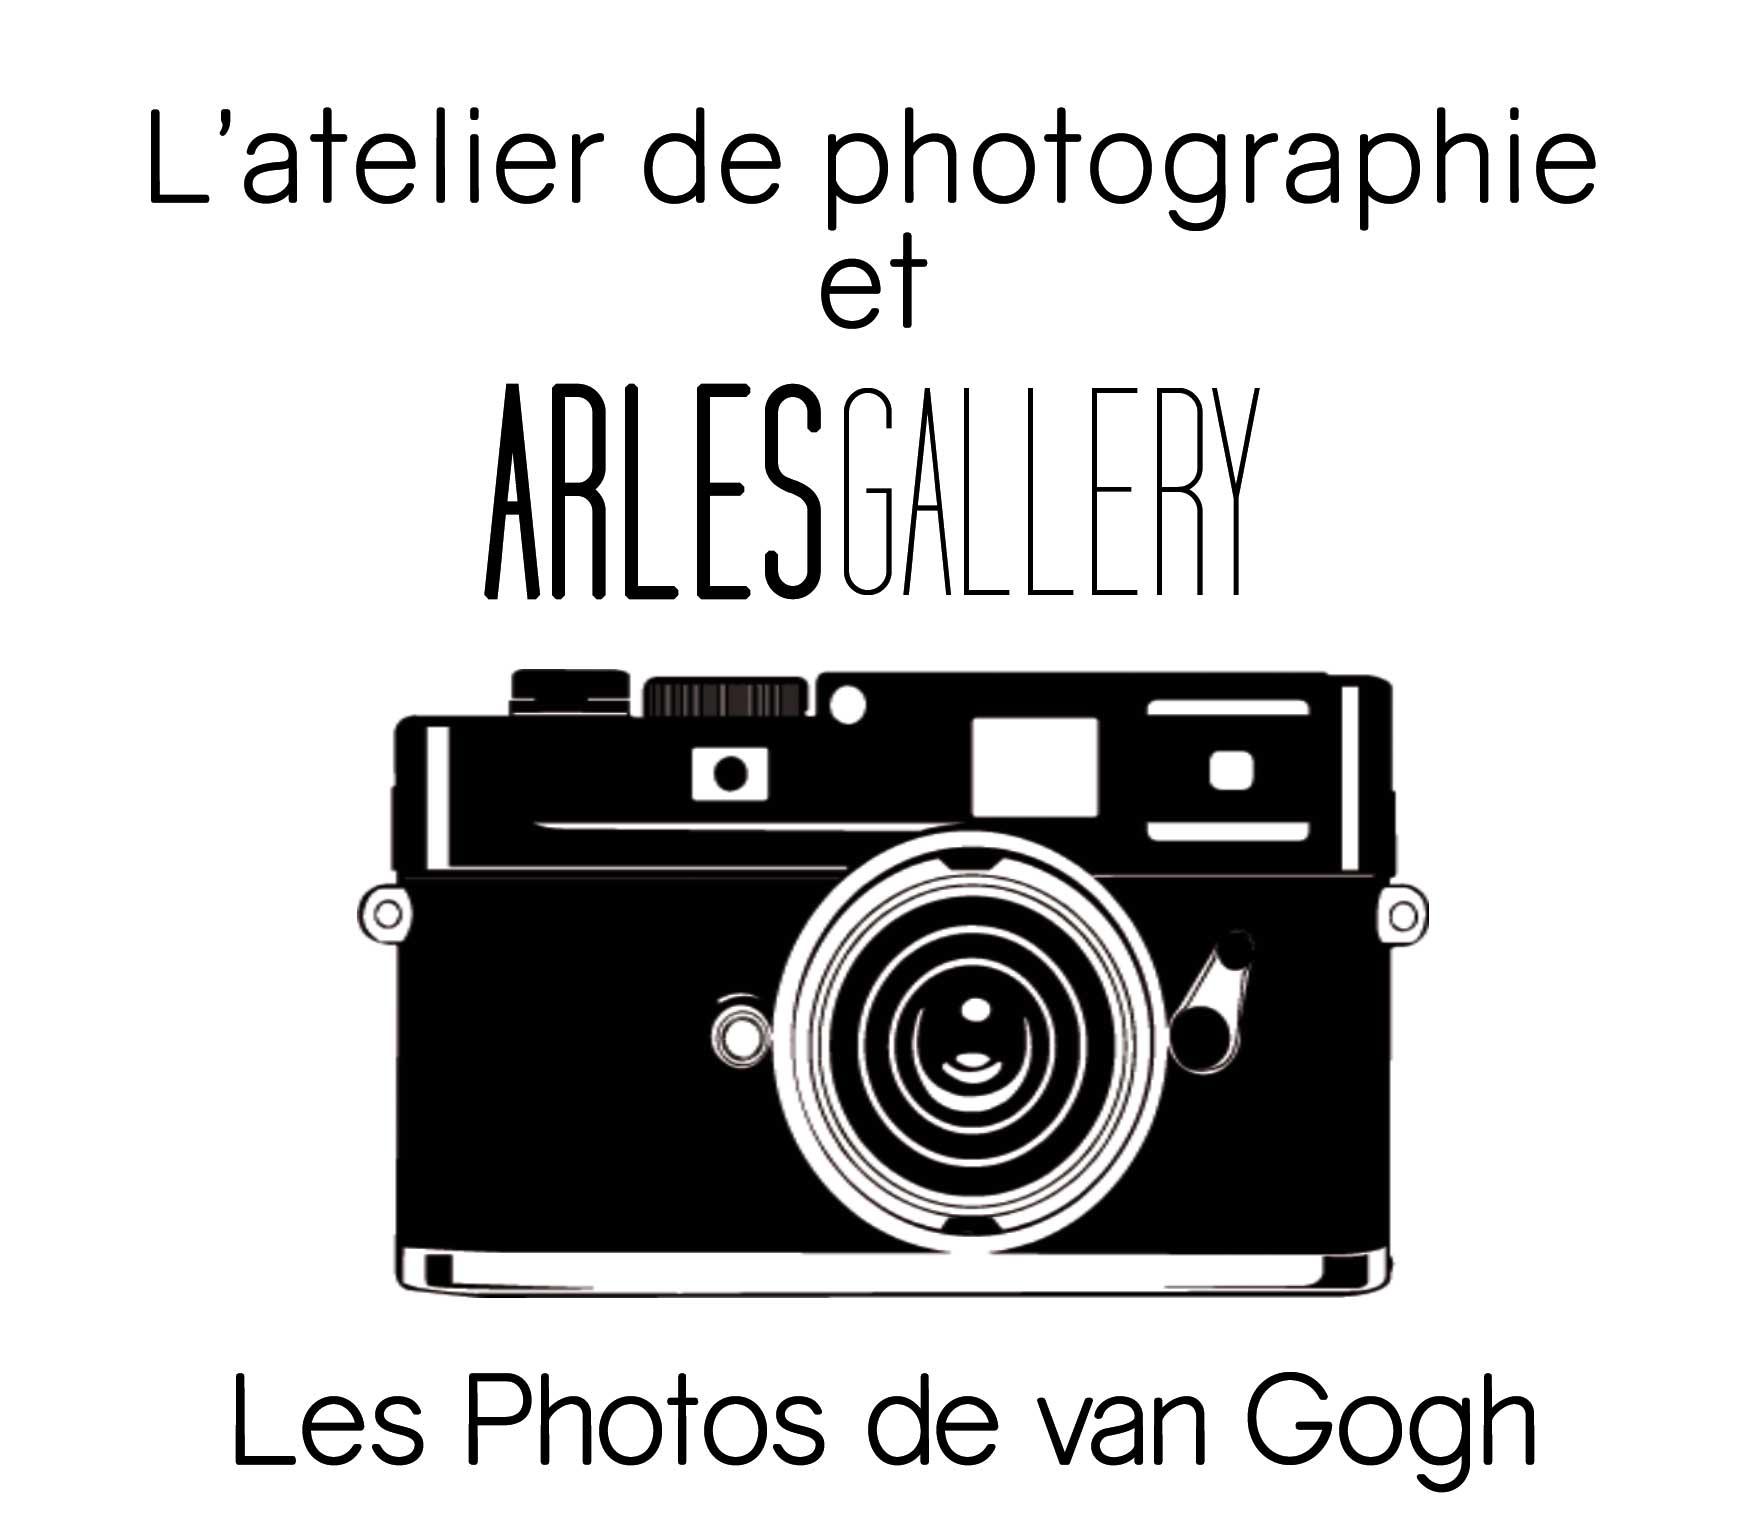 arles gallery rue de la liberte arles